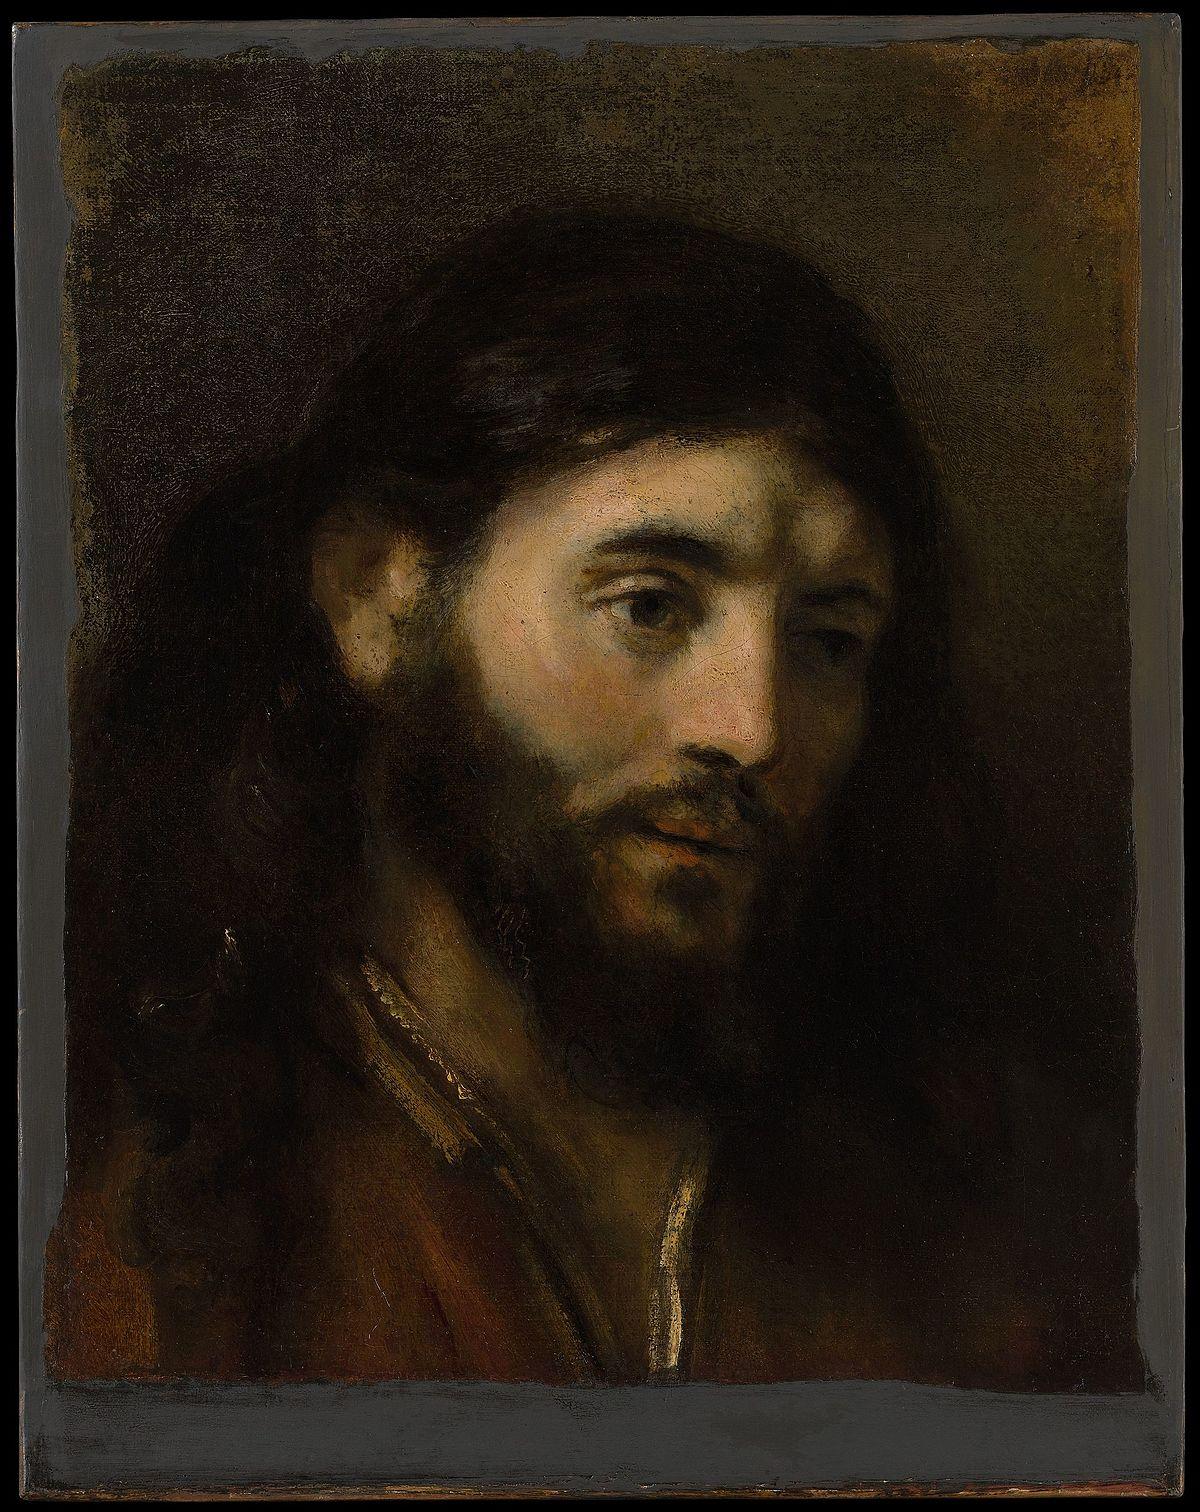 Rembrandt Oil Painting Technique